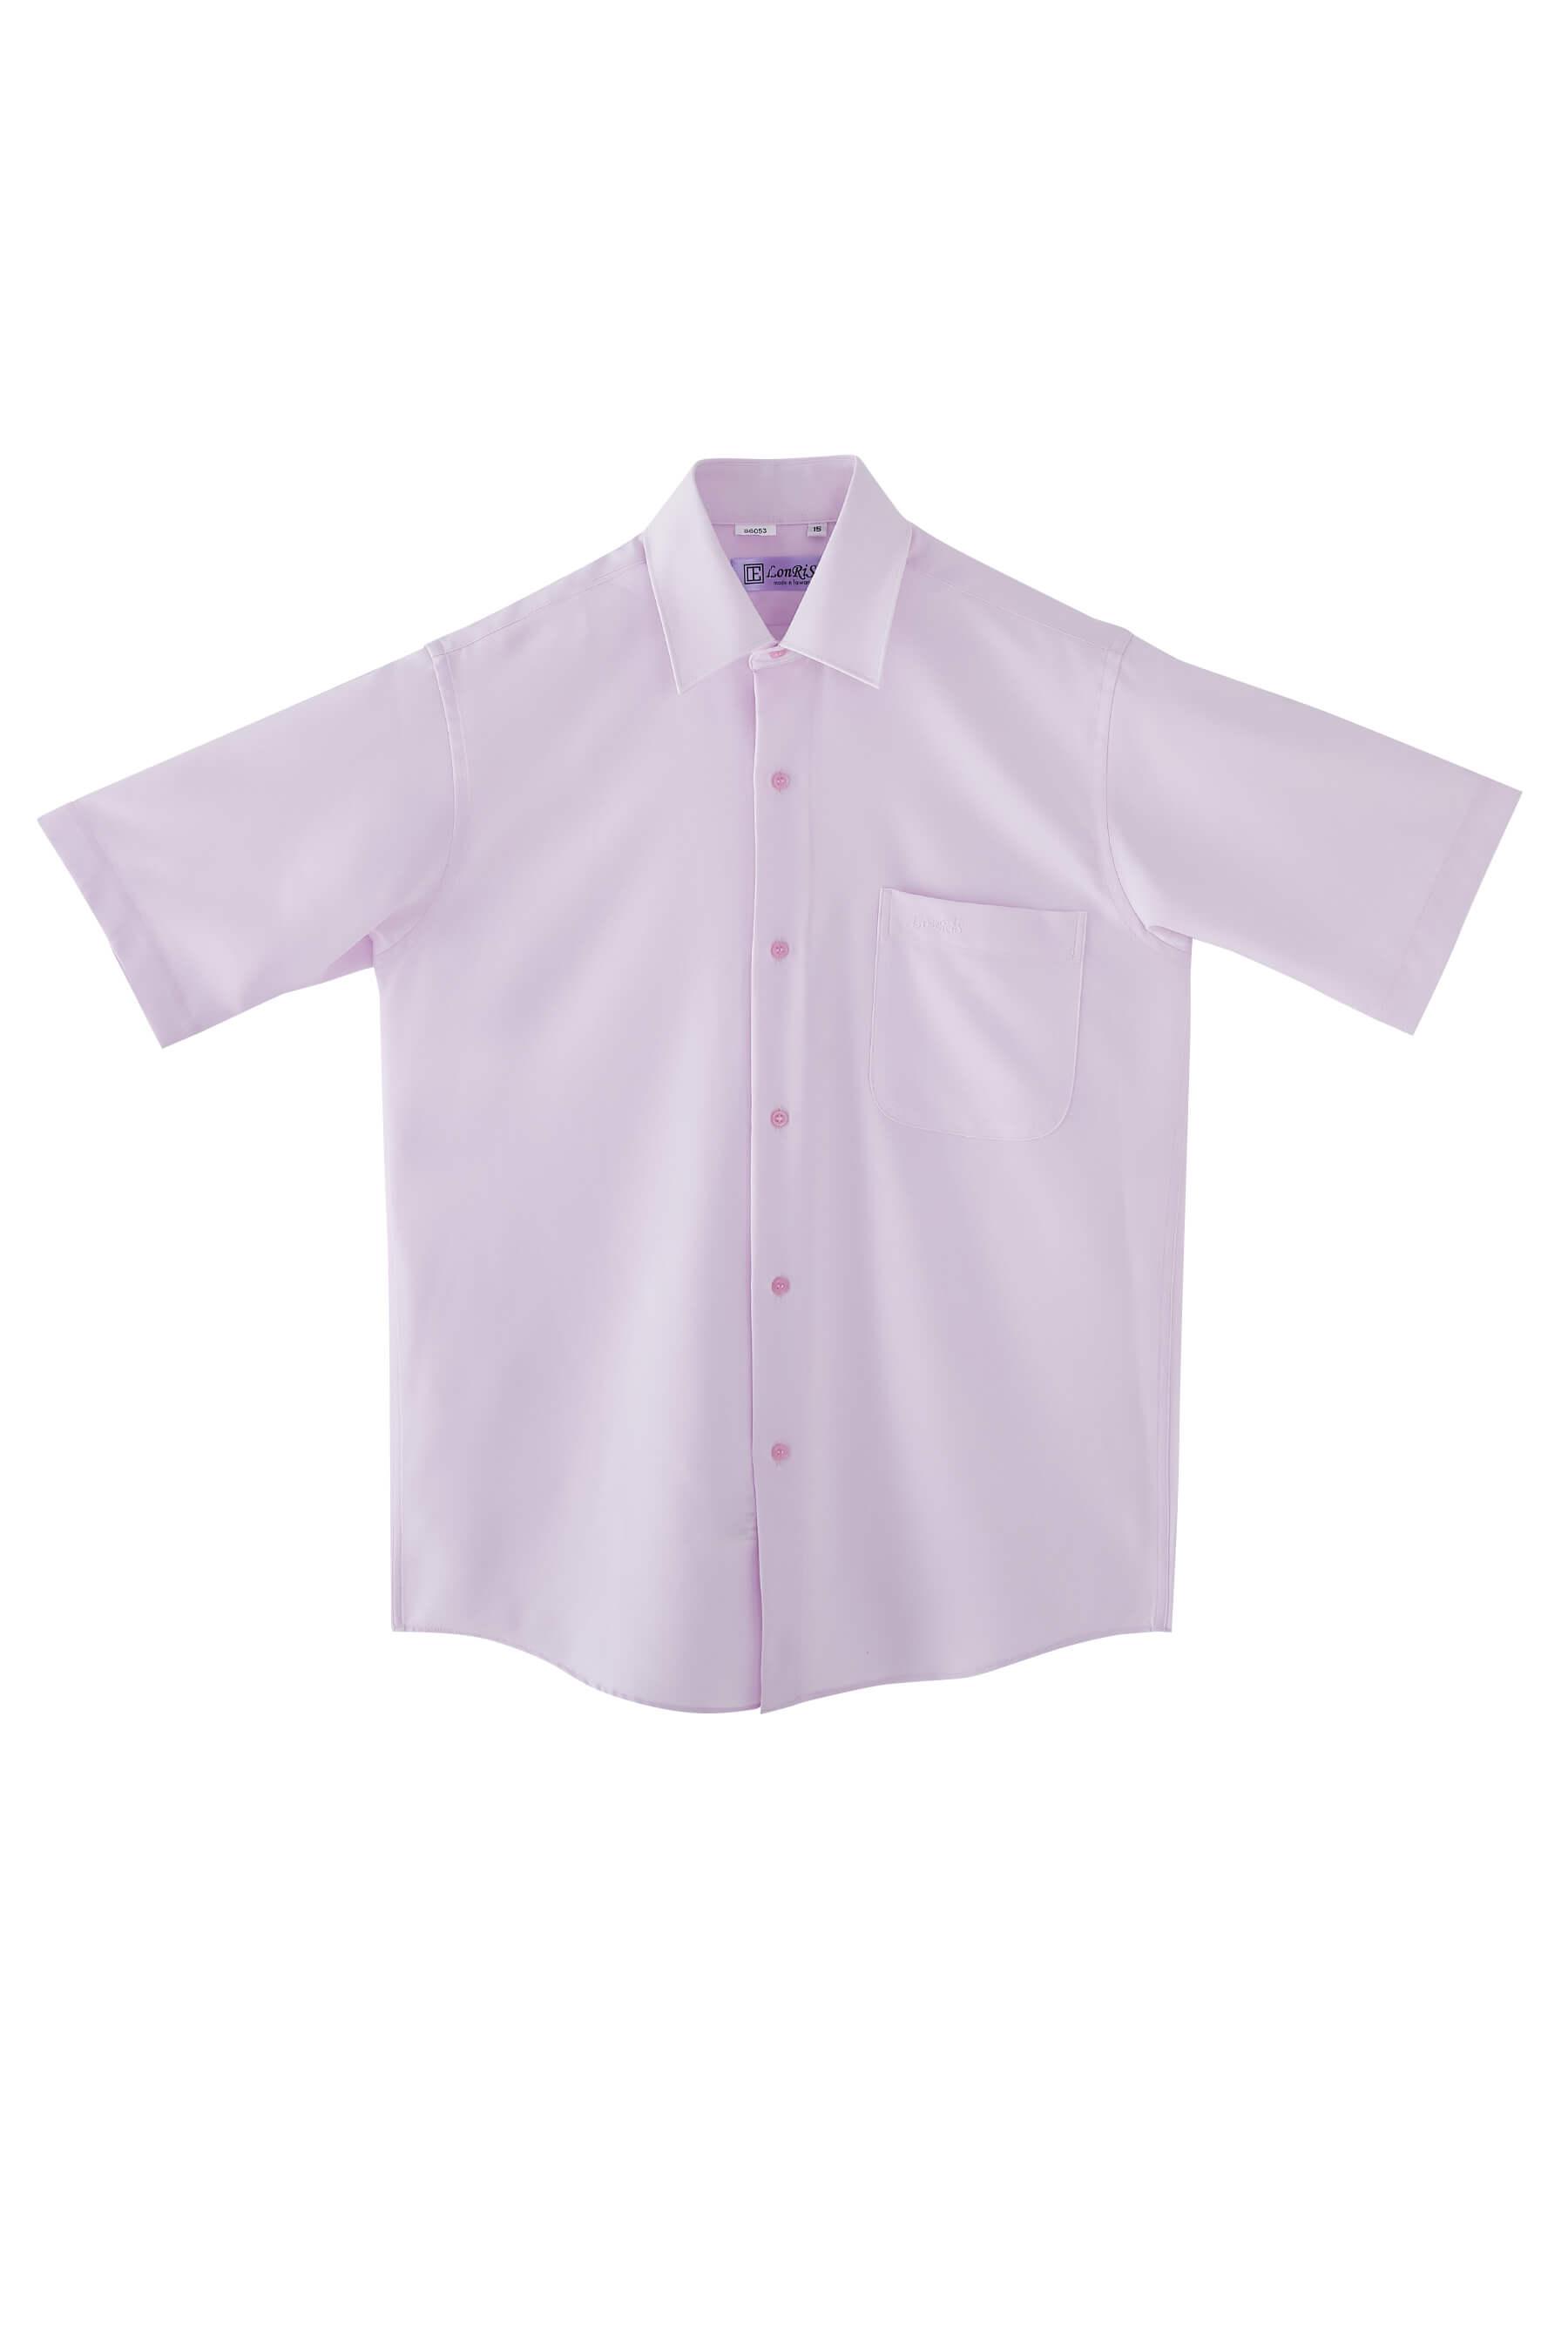 粉色素面短袖襯衫/抗皺 吸濕排汗